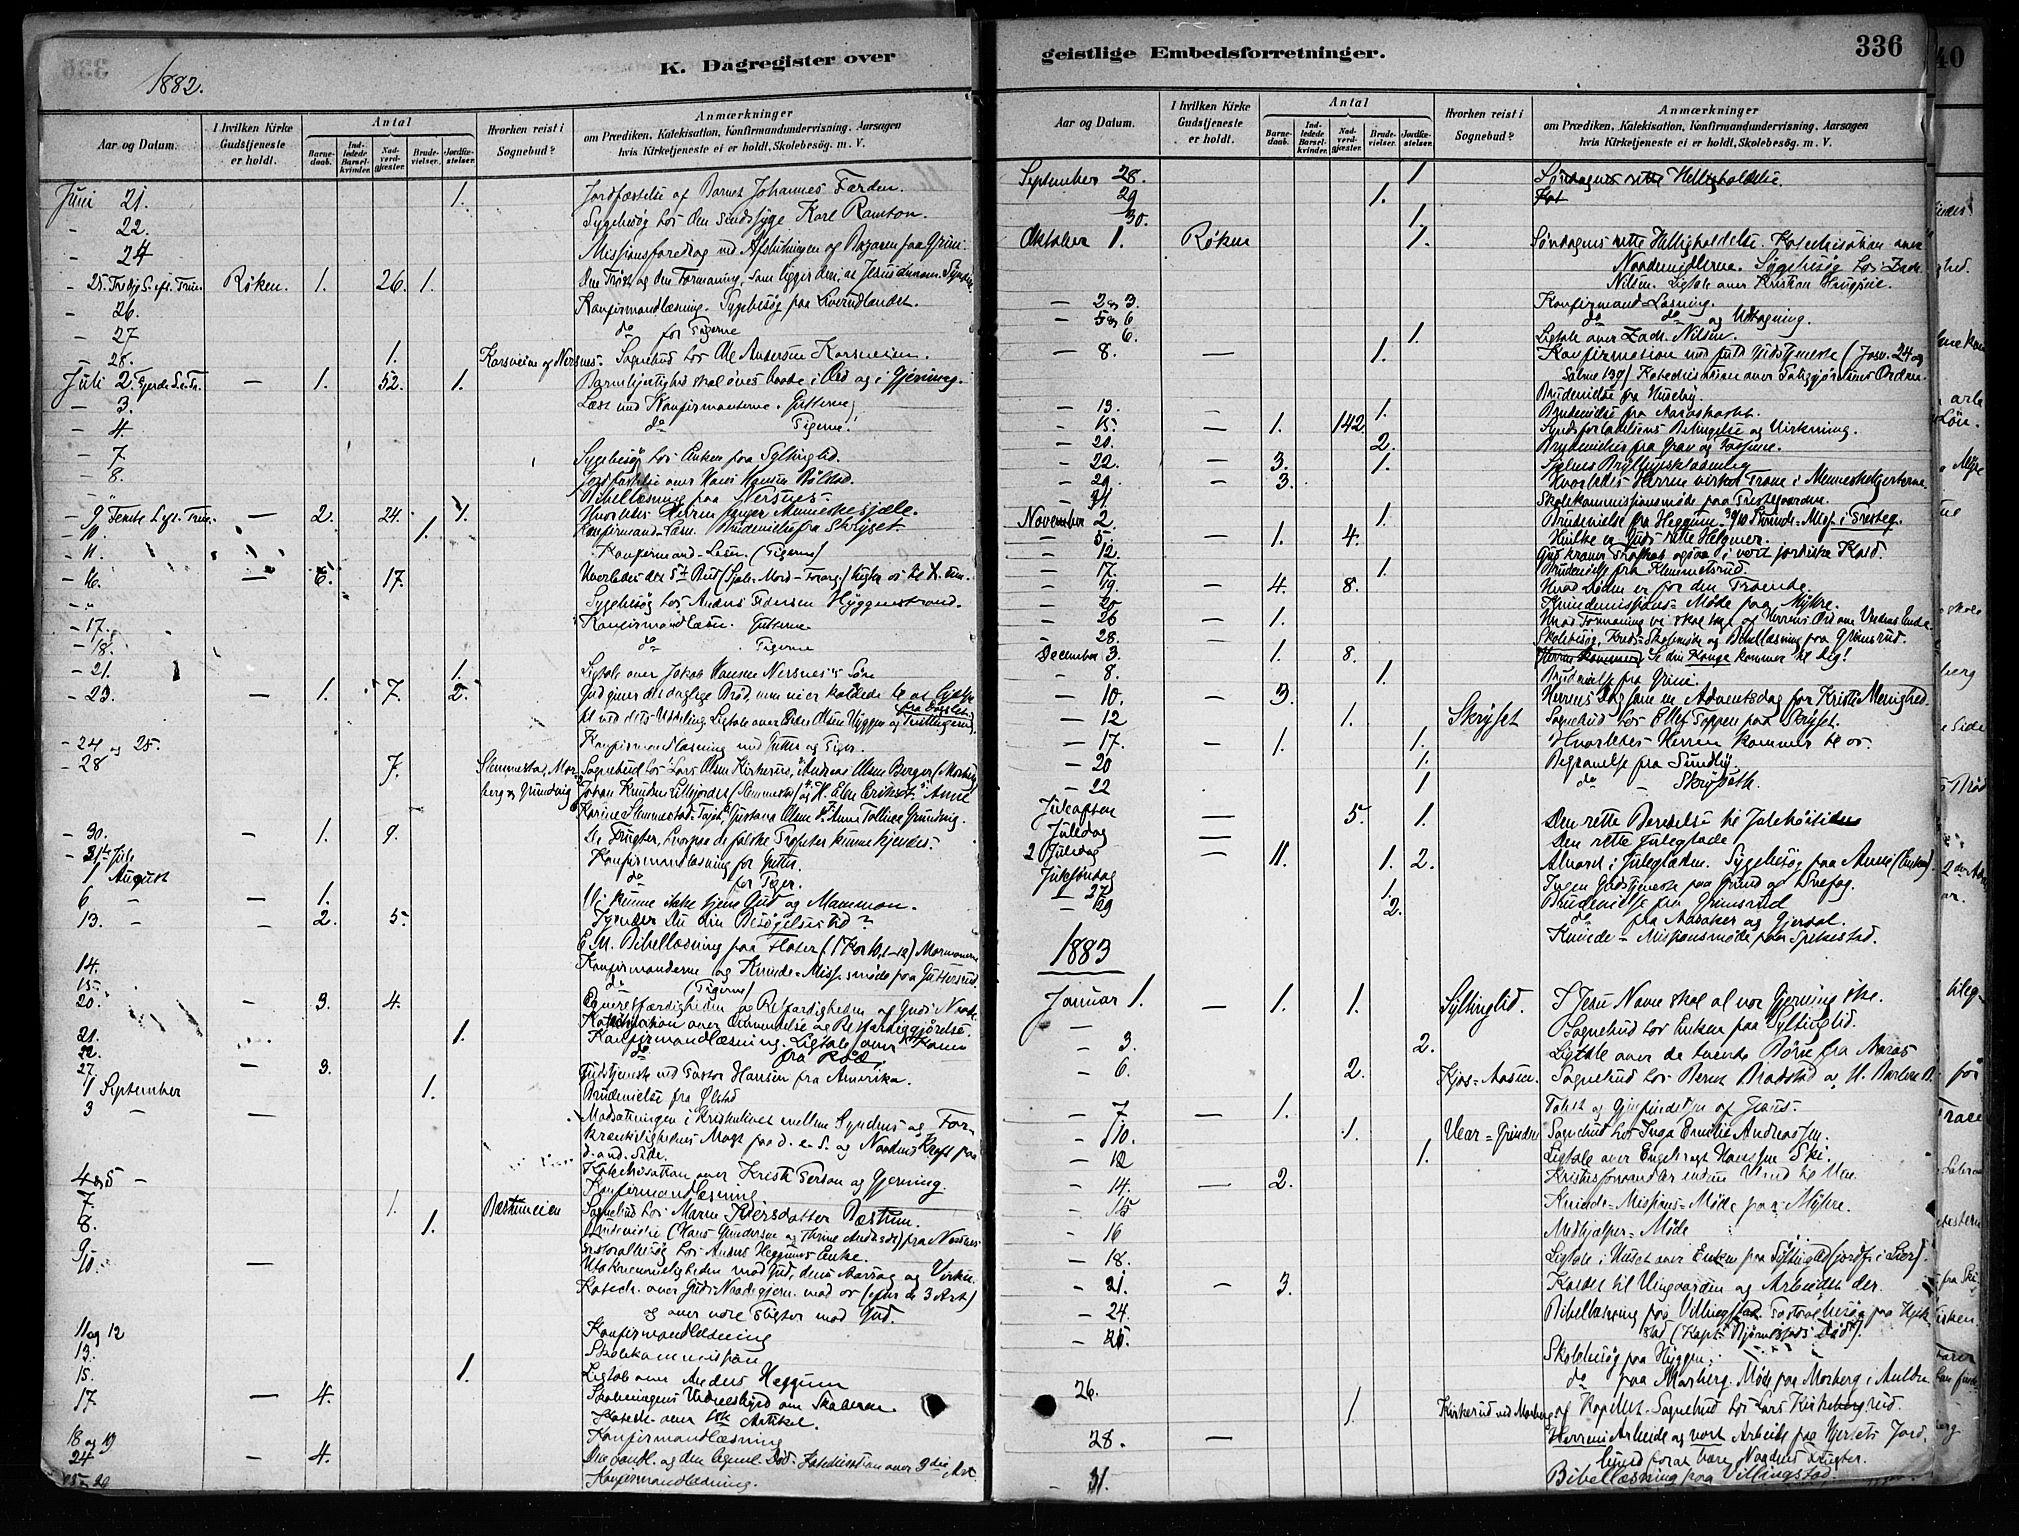 SAKO, Røyken kirkebøker, F/Fa/L0008: Ministerialbok nr. 8, 1880-1897, s. 336